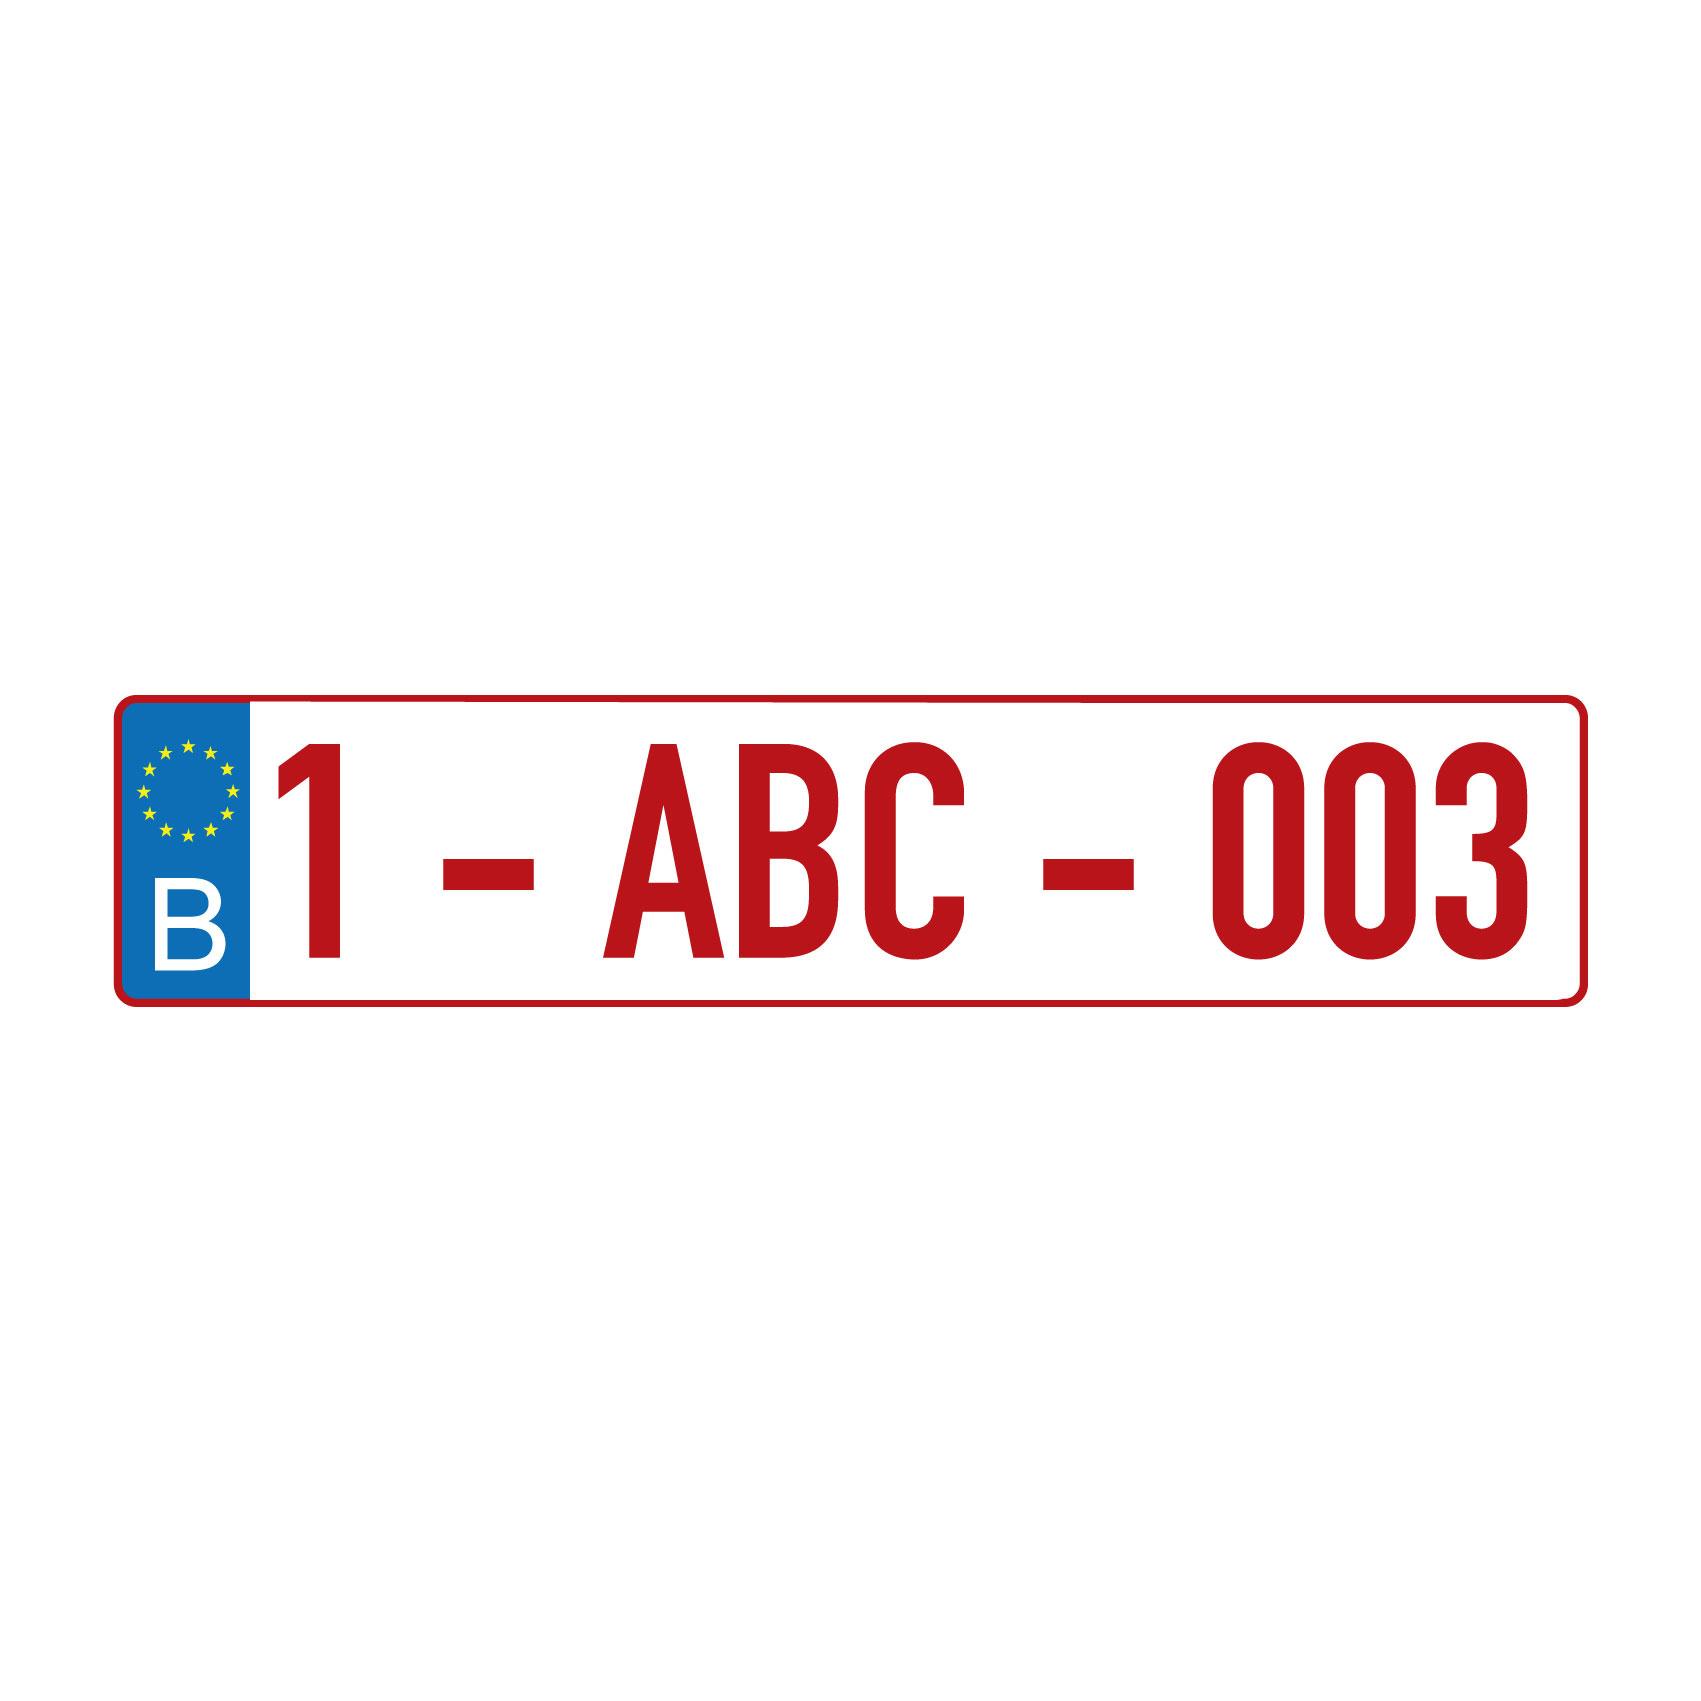 Adhesivo de registro holandés - Copy